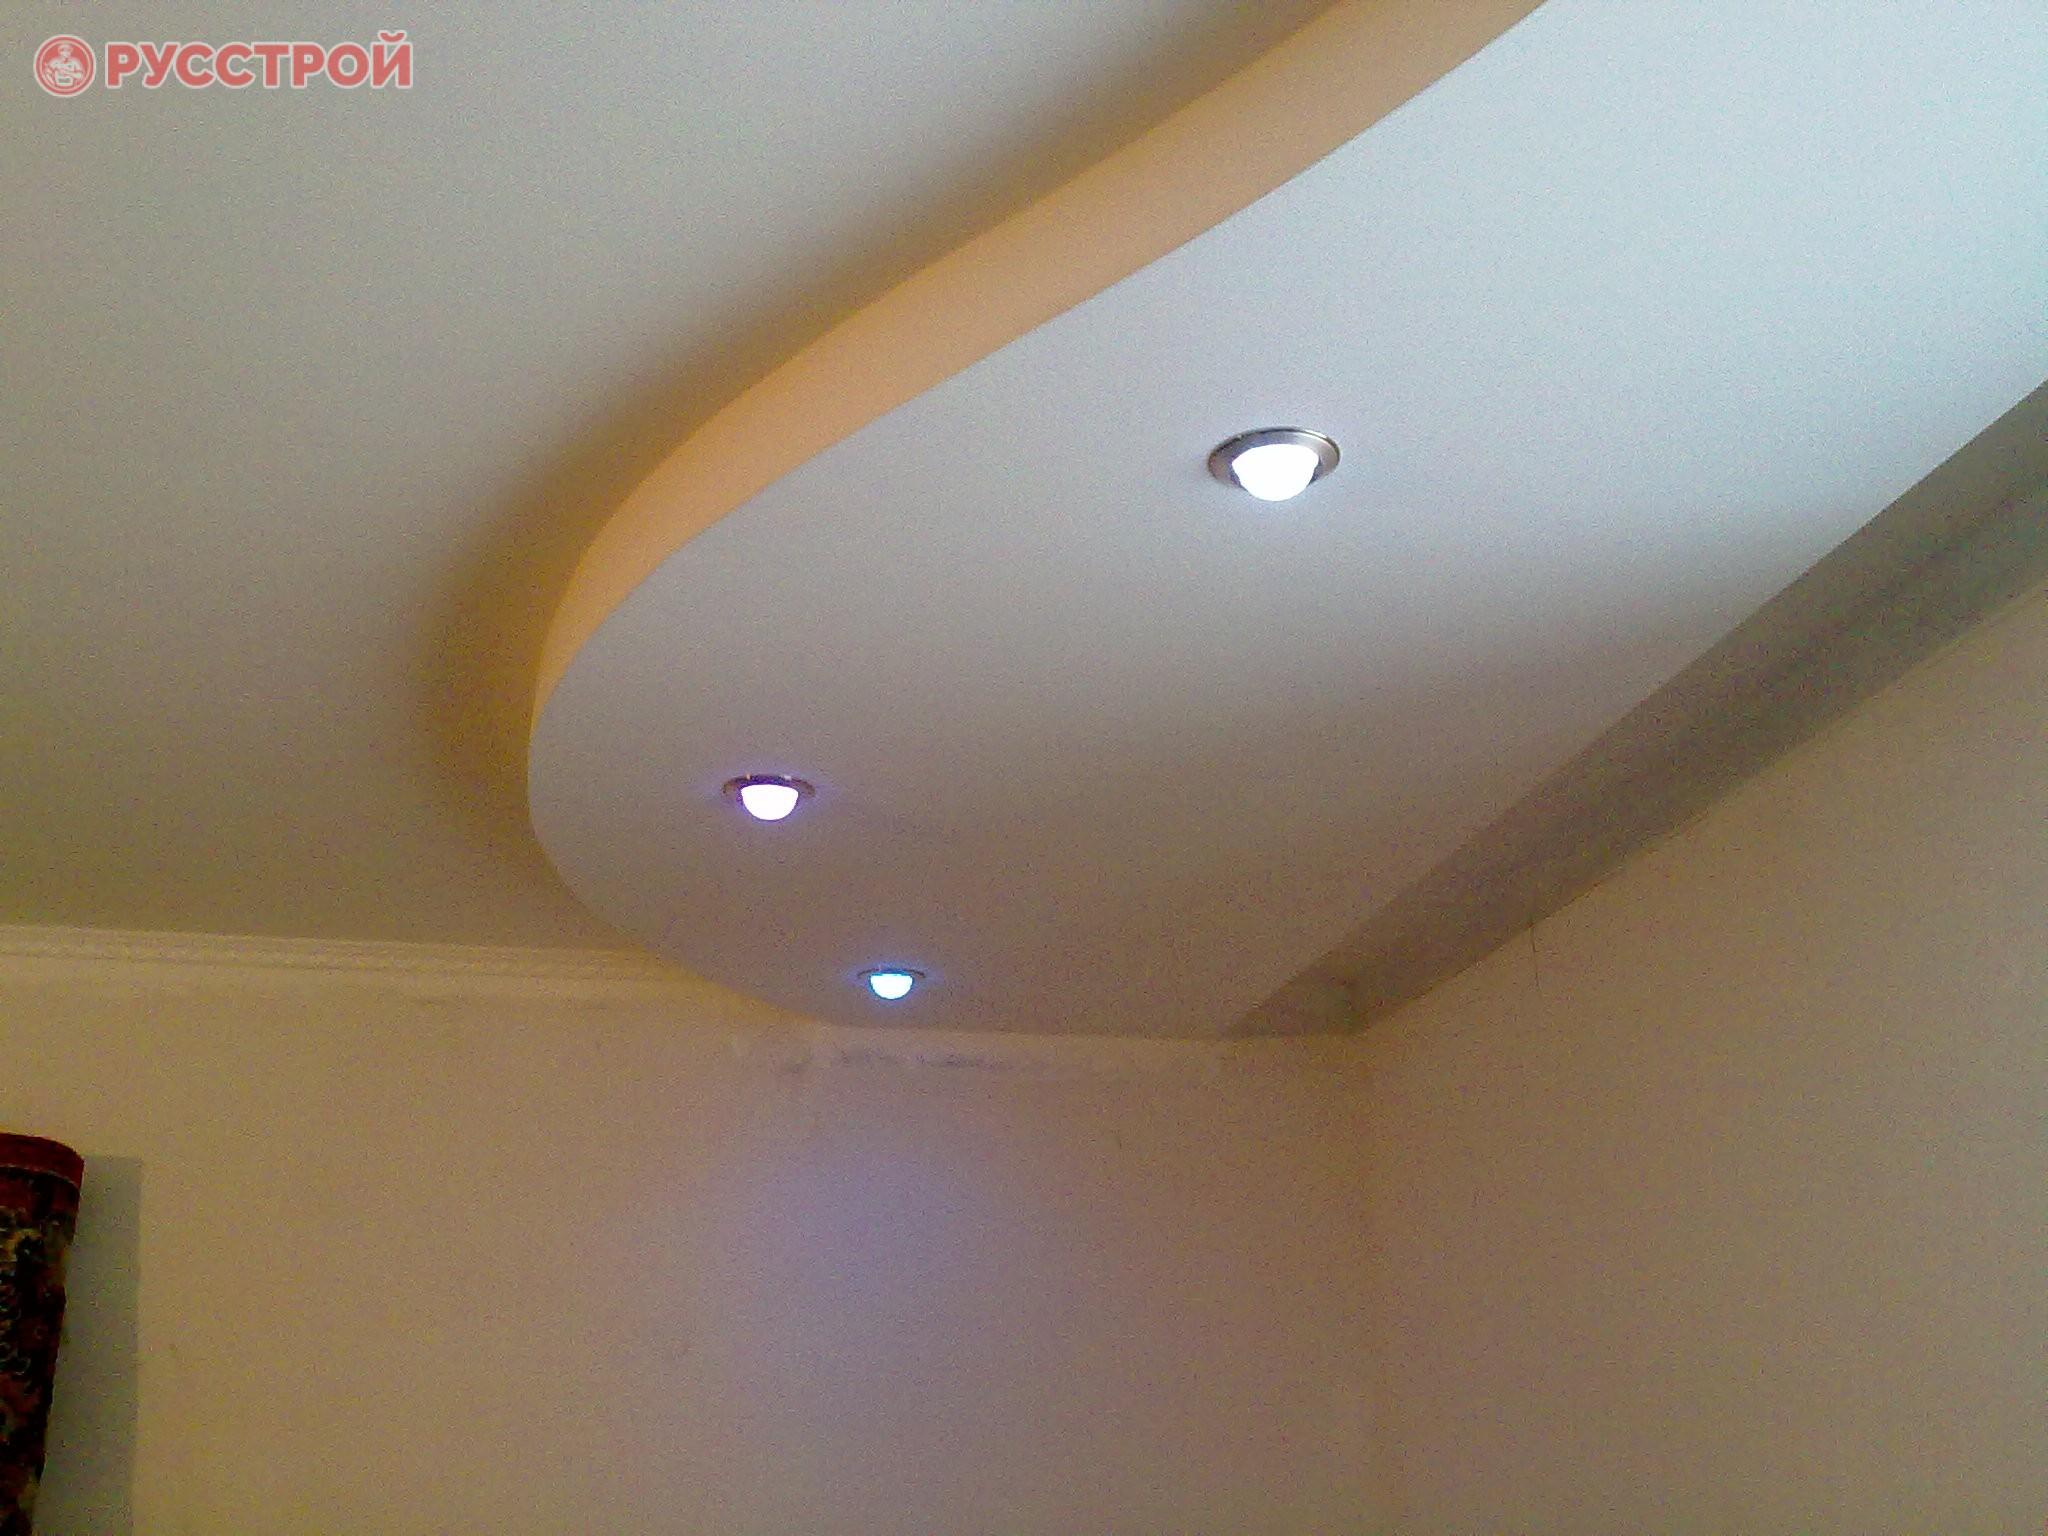 Двухуровневый потолок из гипсокартона. Сделано ООО 'Русстрой' г. Калуга